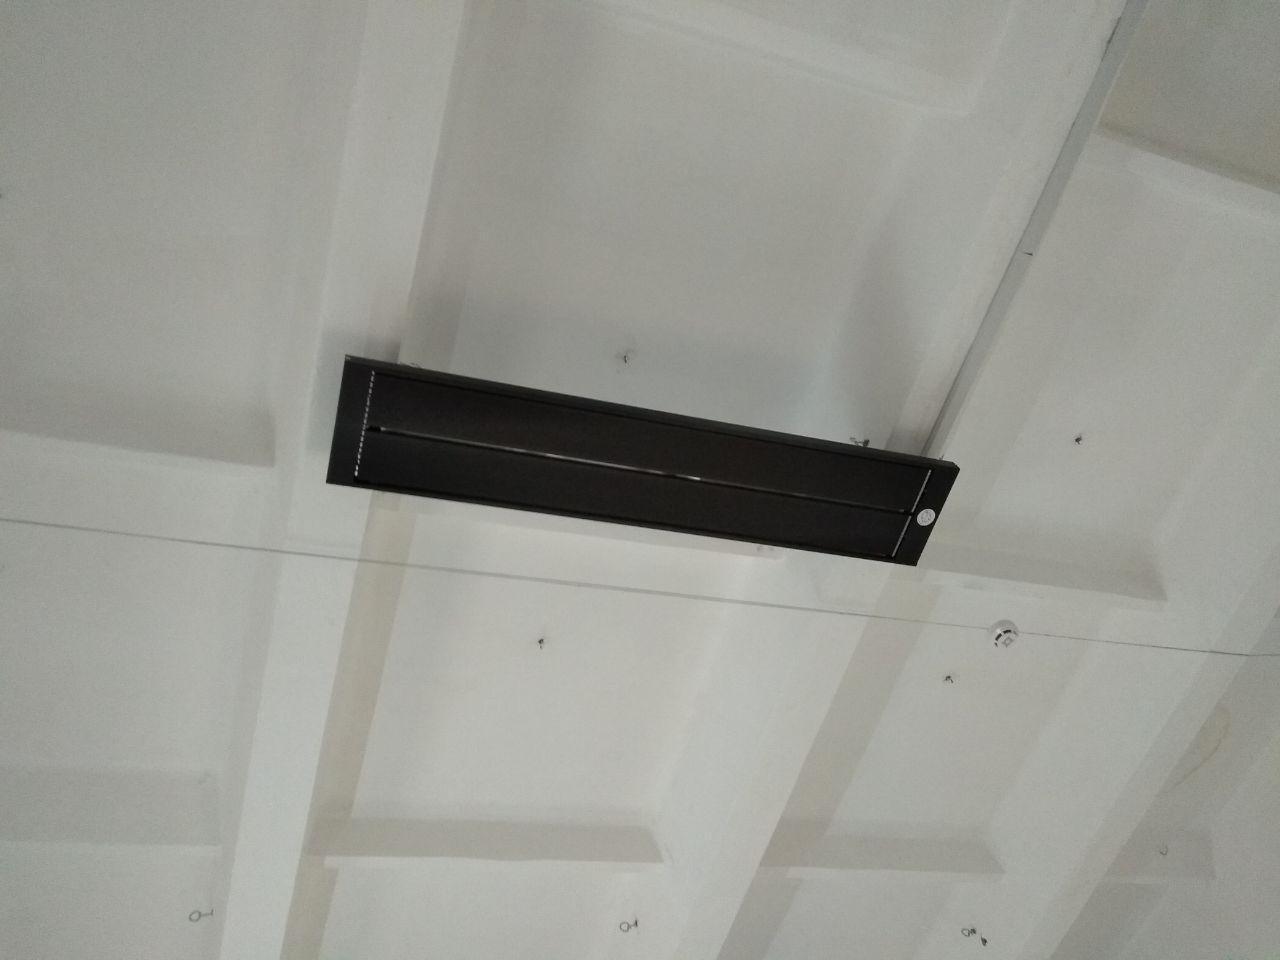 Инфракрасный обогреватель потолочный Билюкс П2400 промышленный